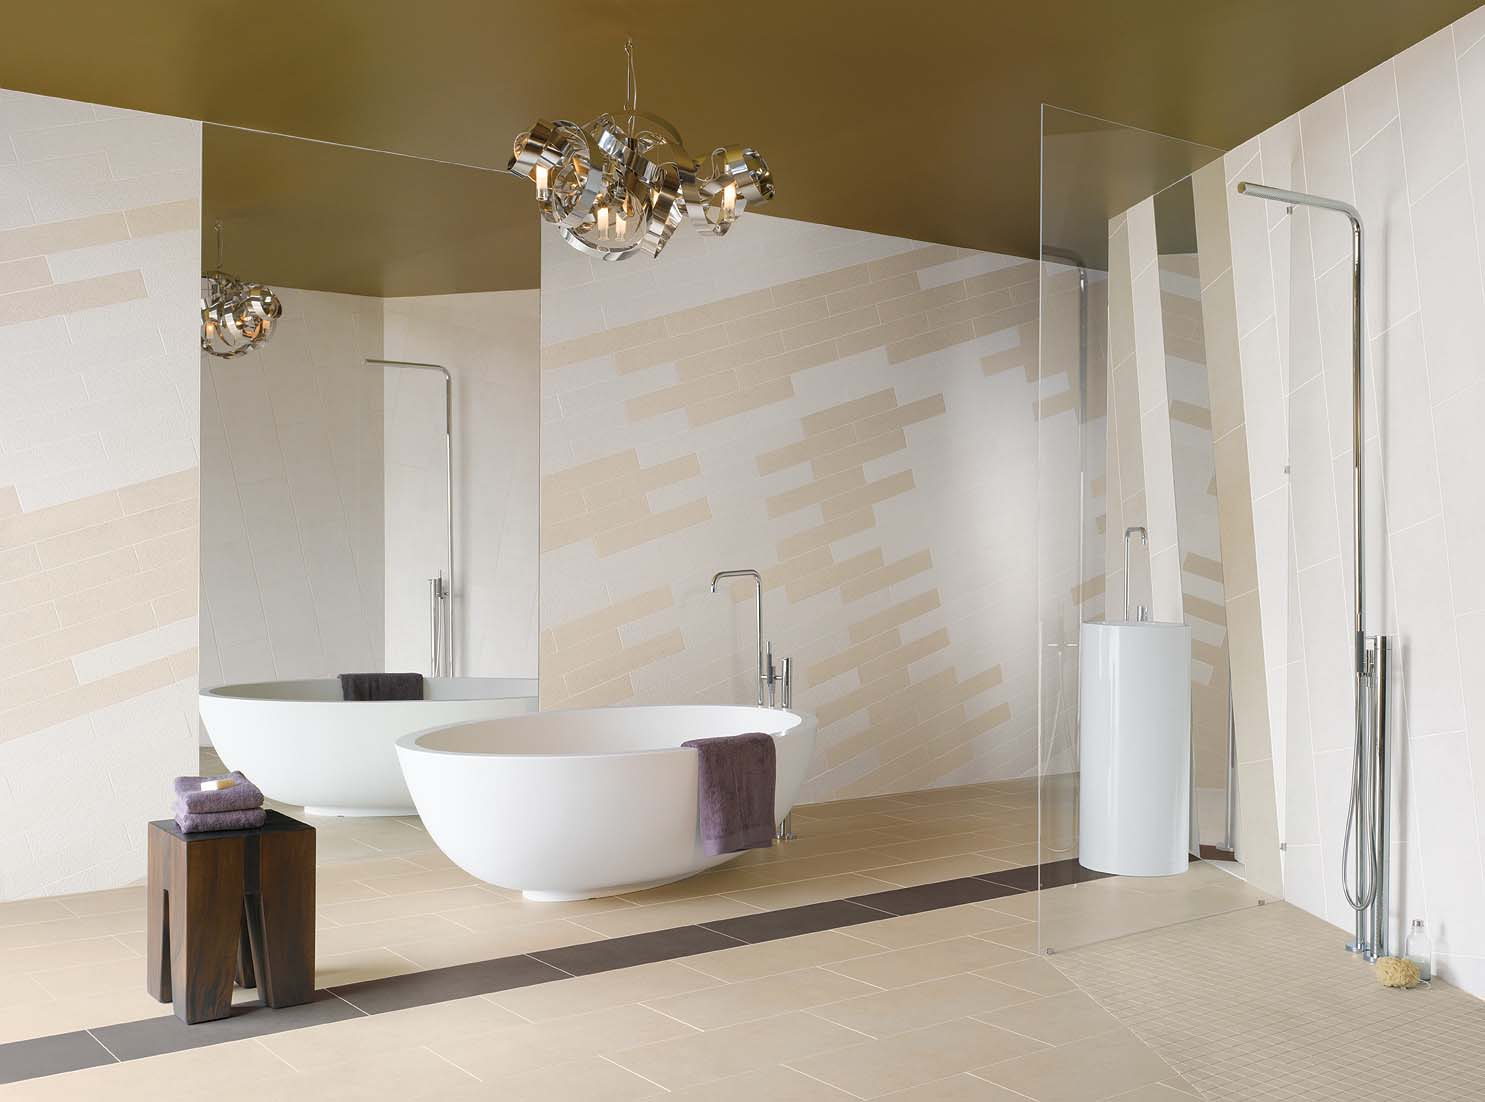 johner hoch produkte. Black Bedroom Furniture Sets. Home Design Ideas